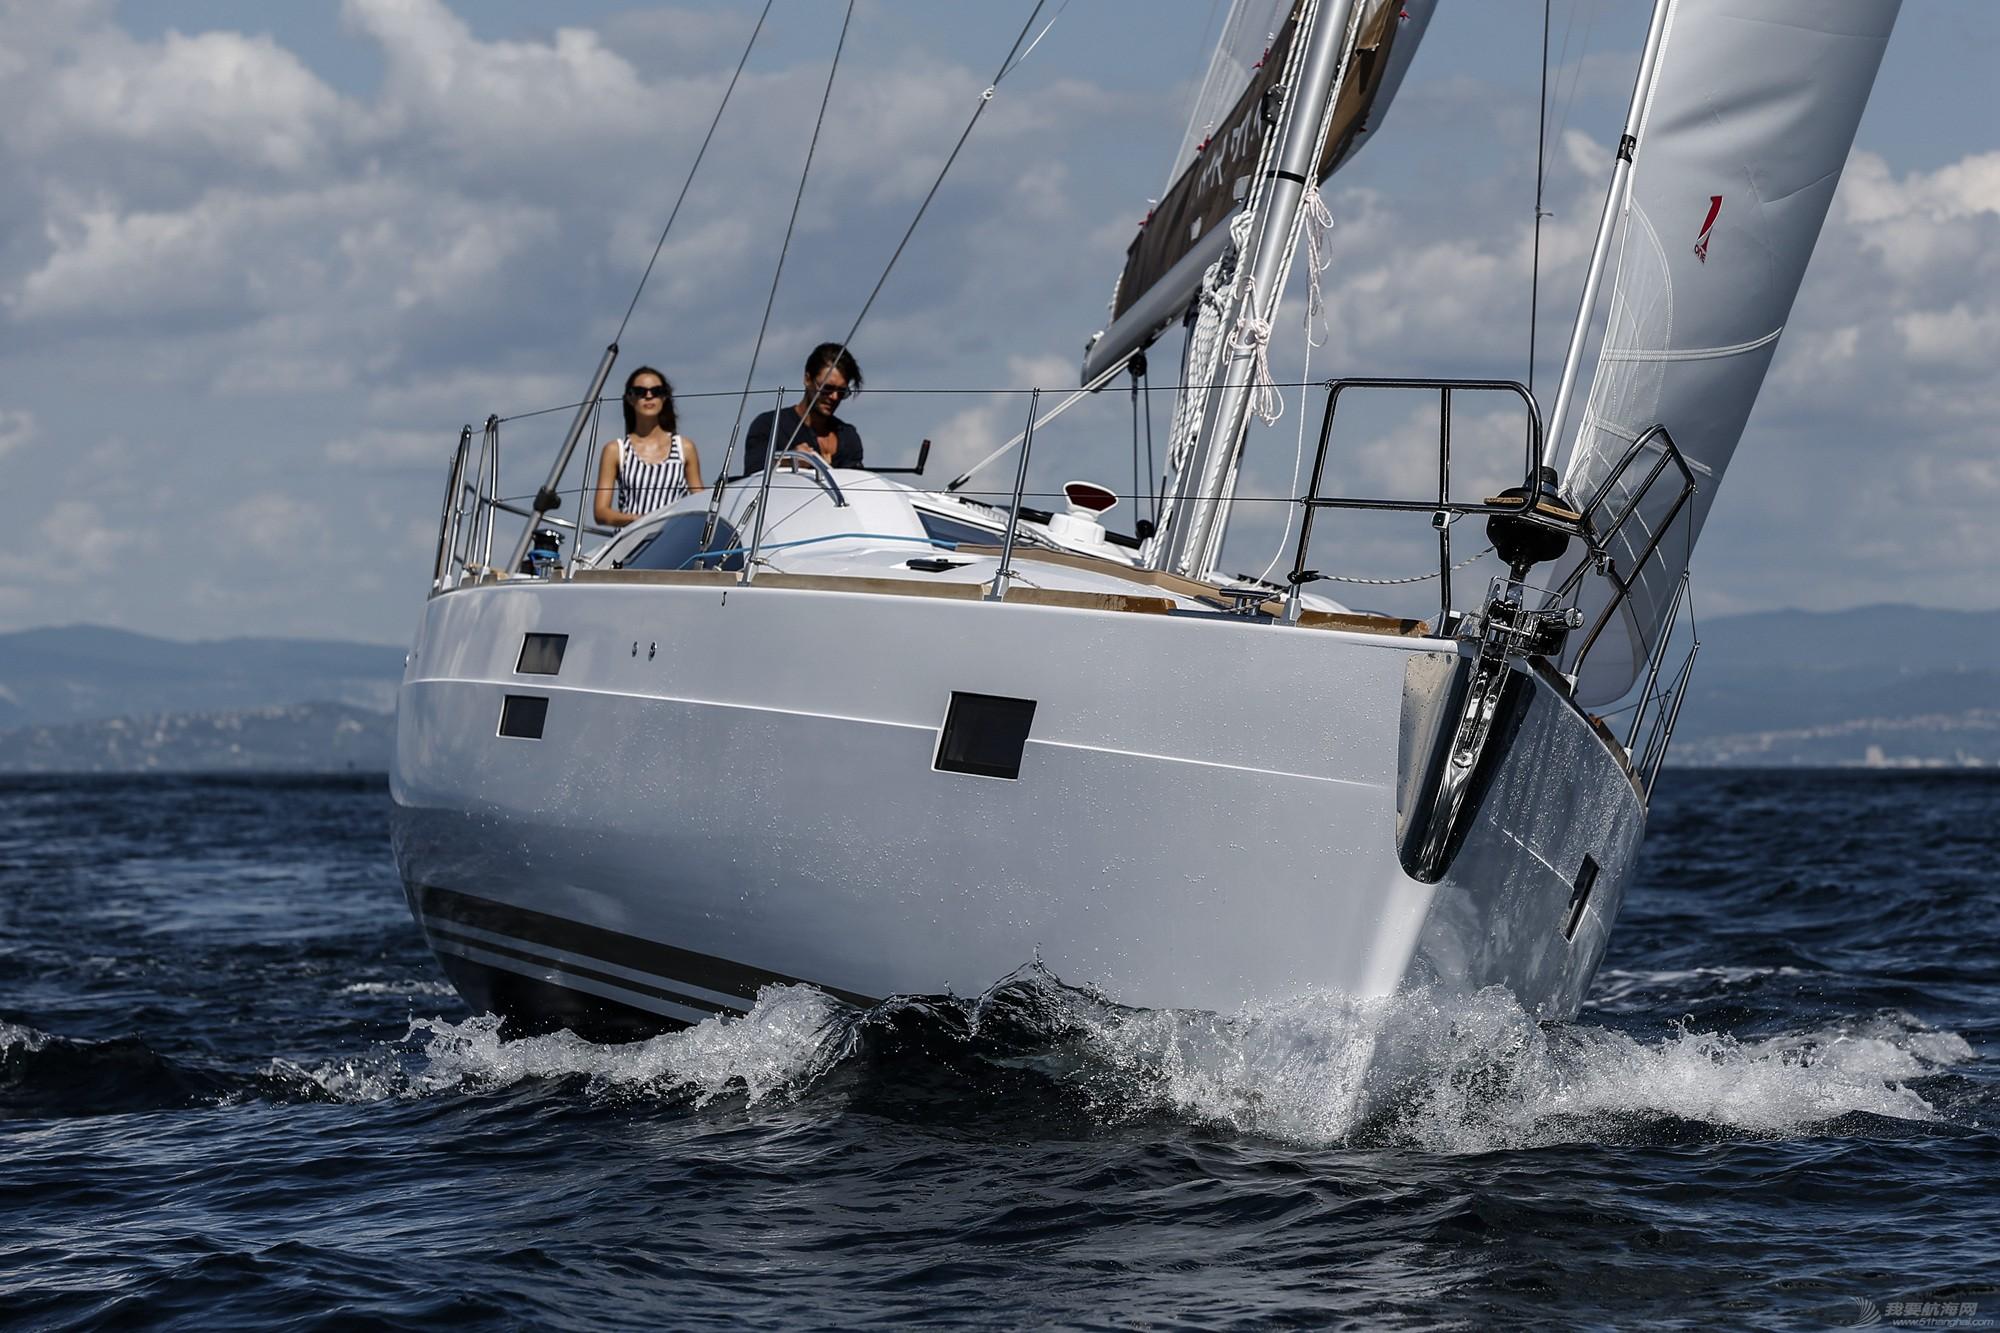 帆船,休闲,印象 elan IMPRESSION 45豪华休闲帆船 逸蓝45英尺巡航帆船 Elan IMPRESSION 45